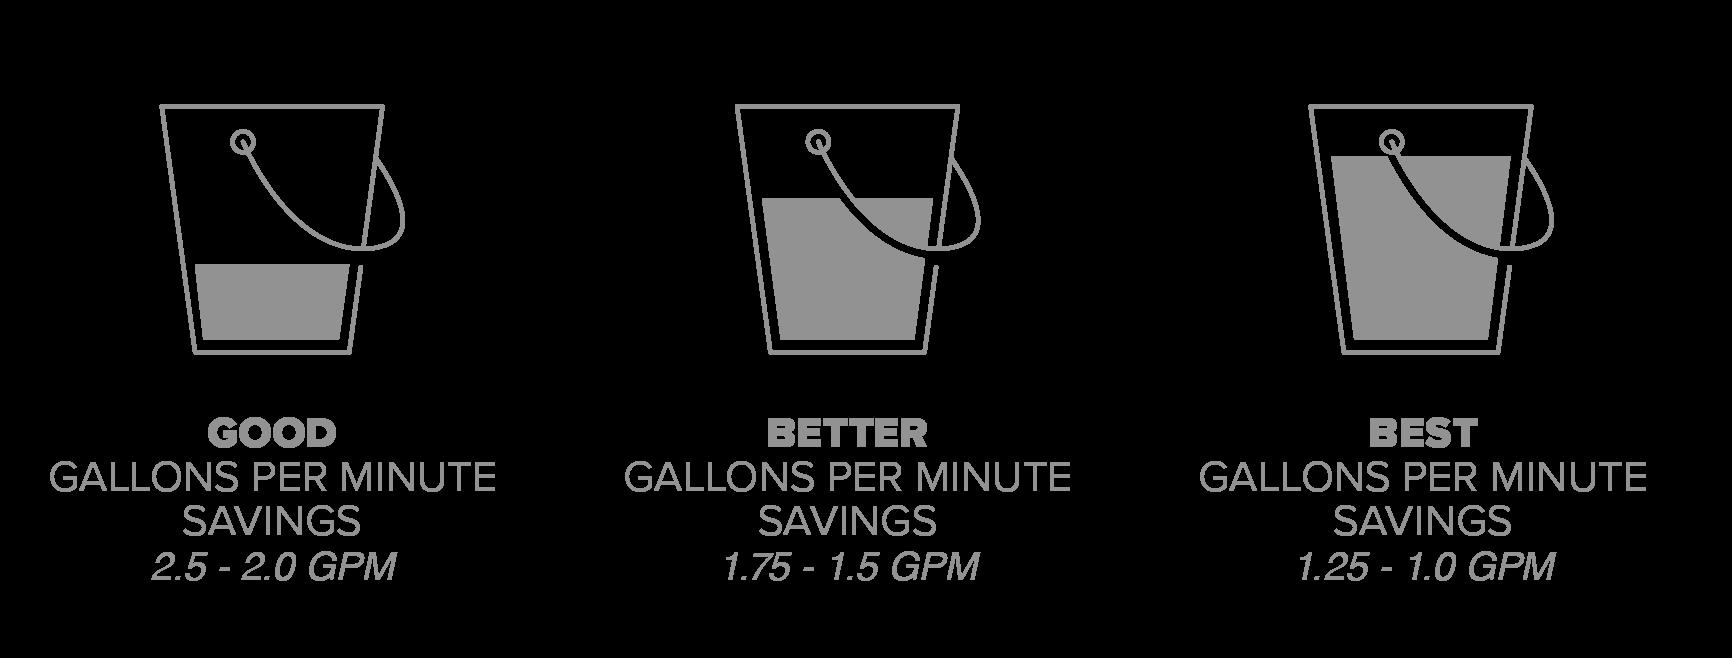 Water savings flow rate